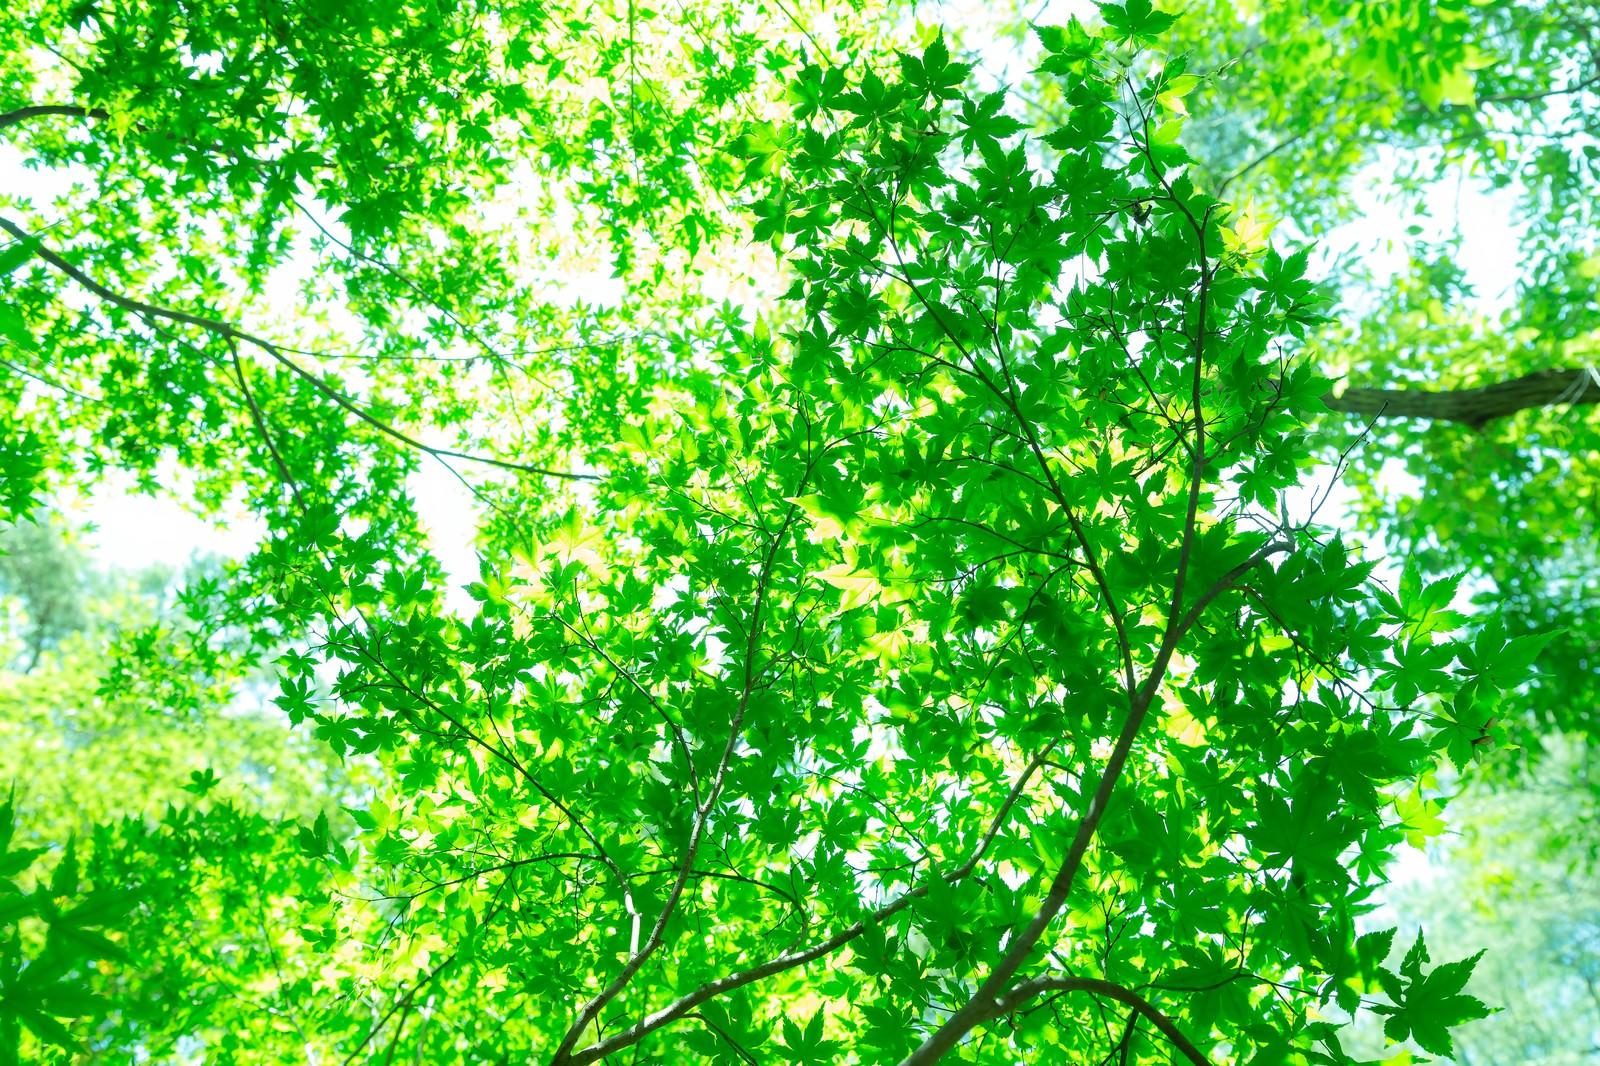 「木漏れ日の緑木漏れ日の緑」のフリー写真素材を拡大